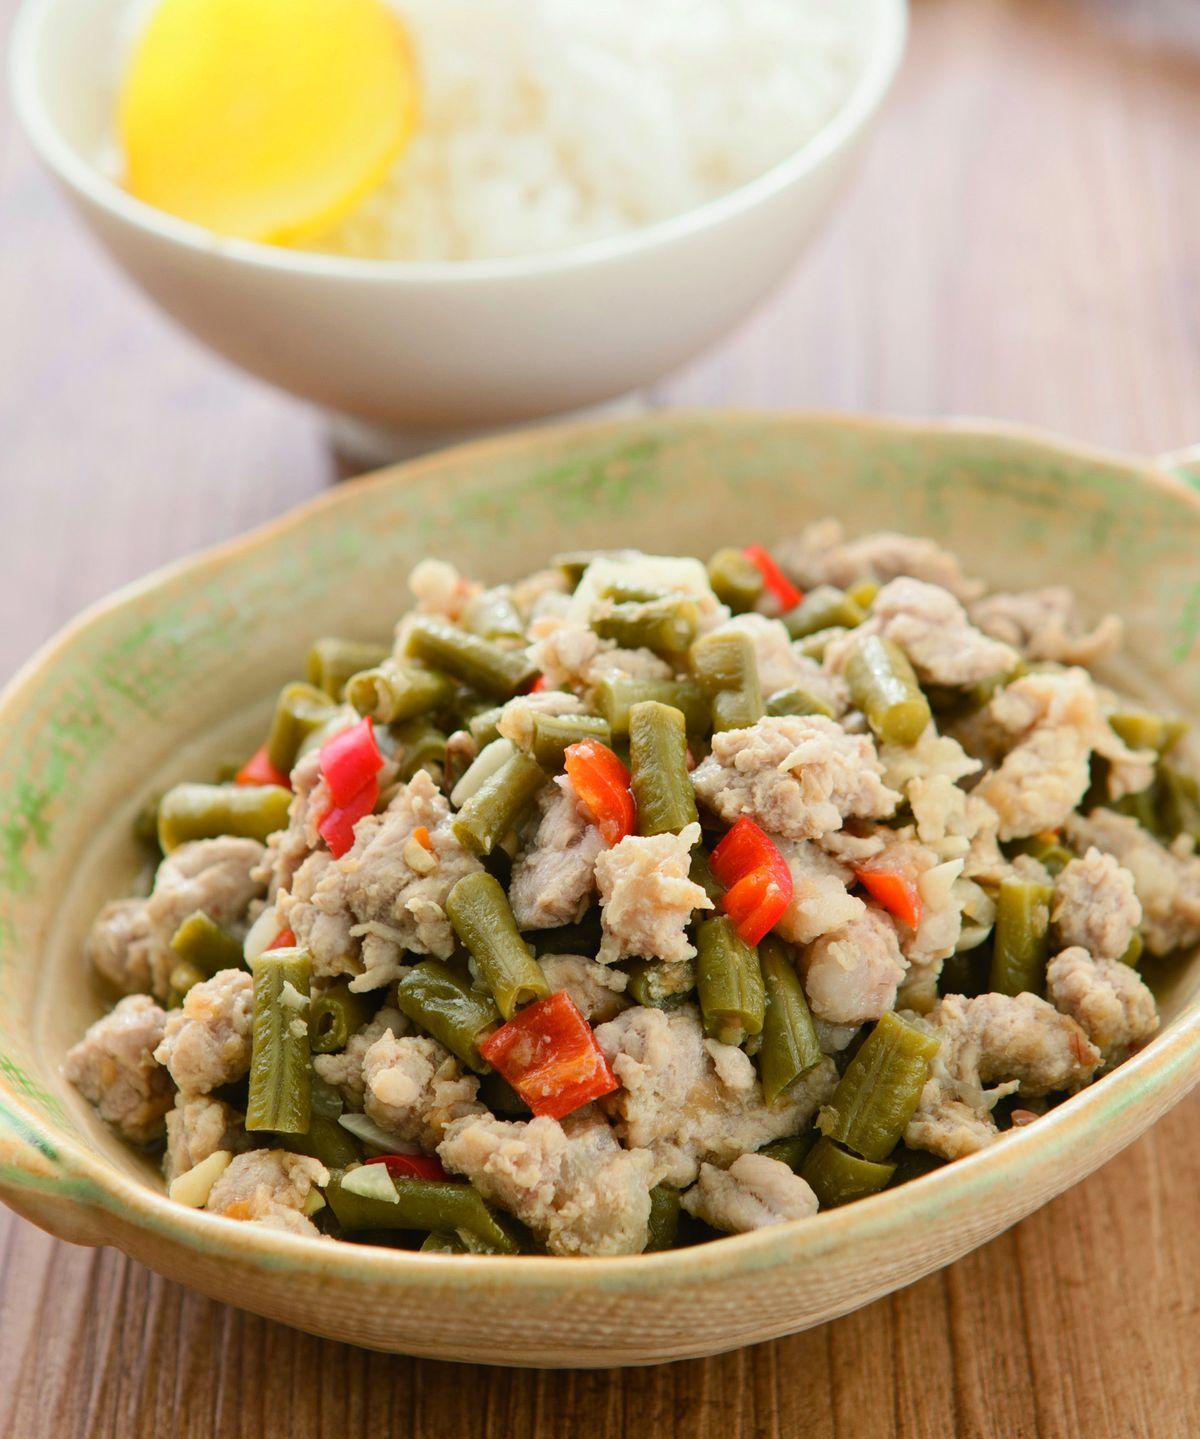 食譜:酸豇豆肉燥飯